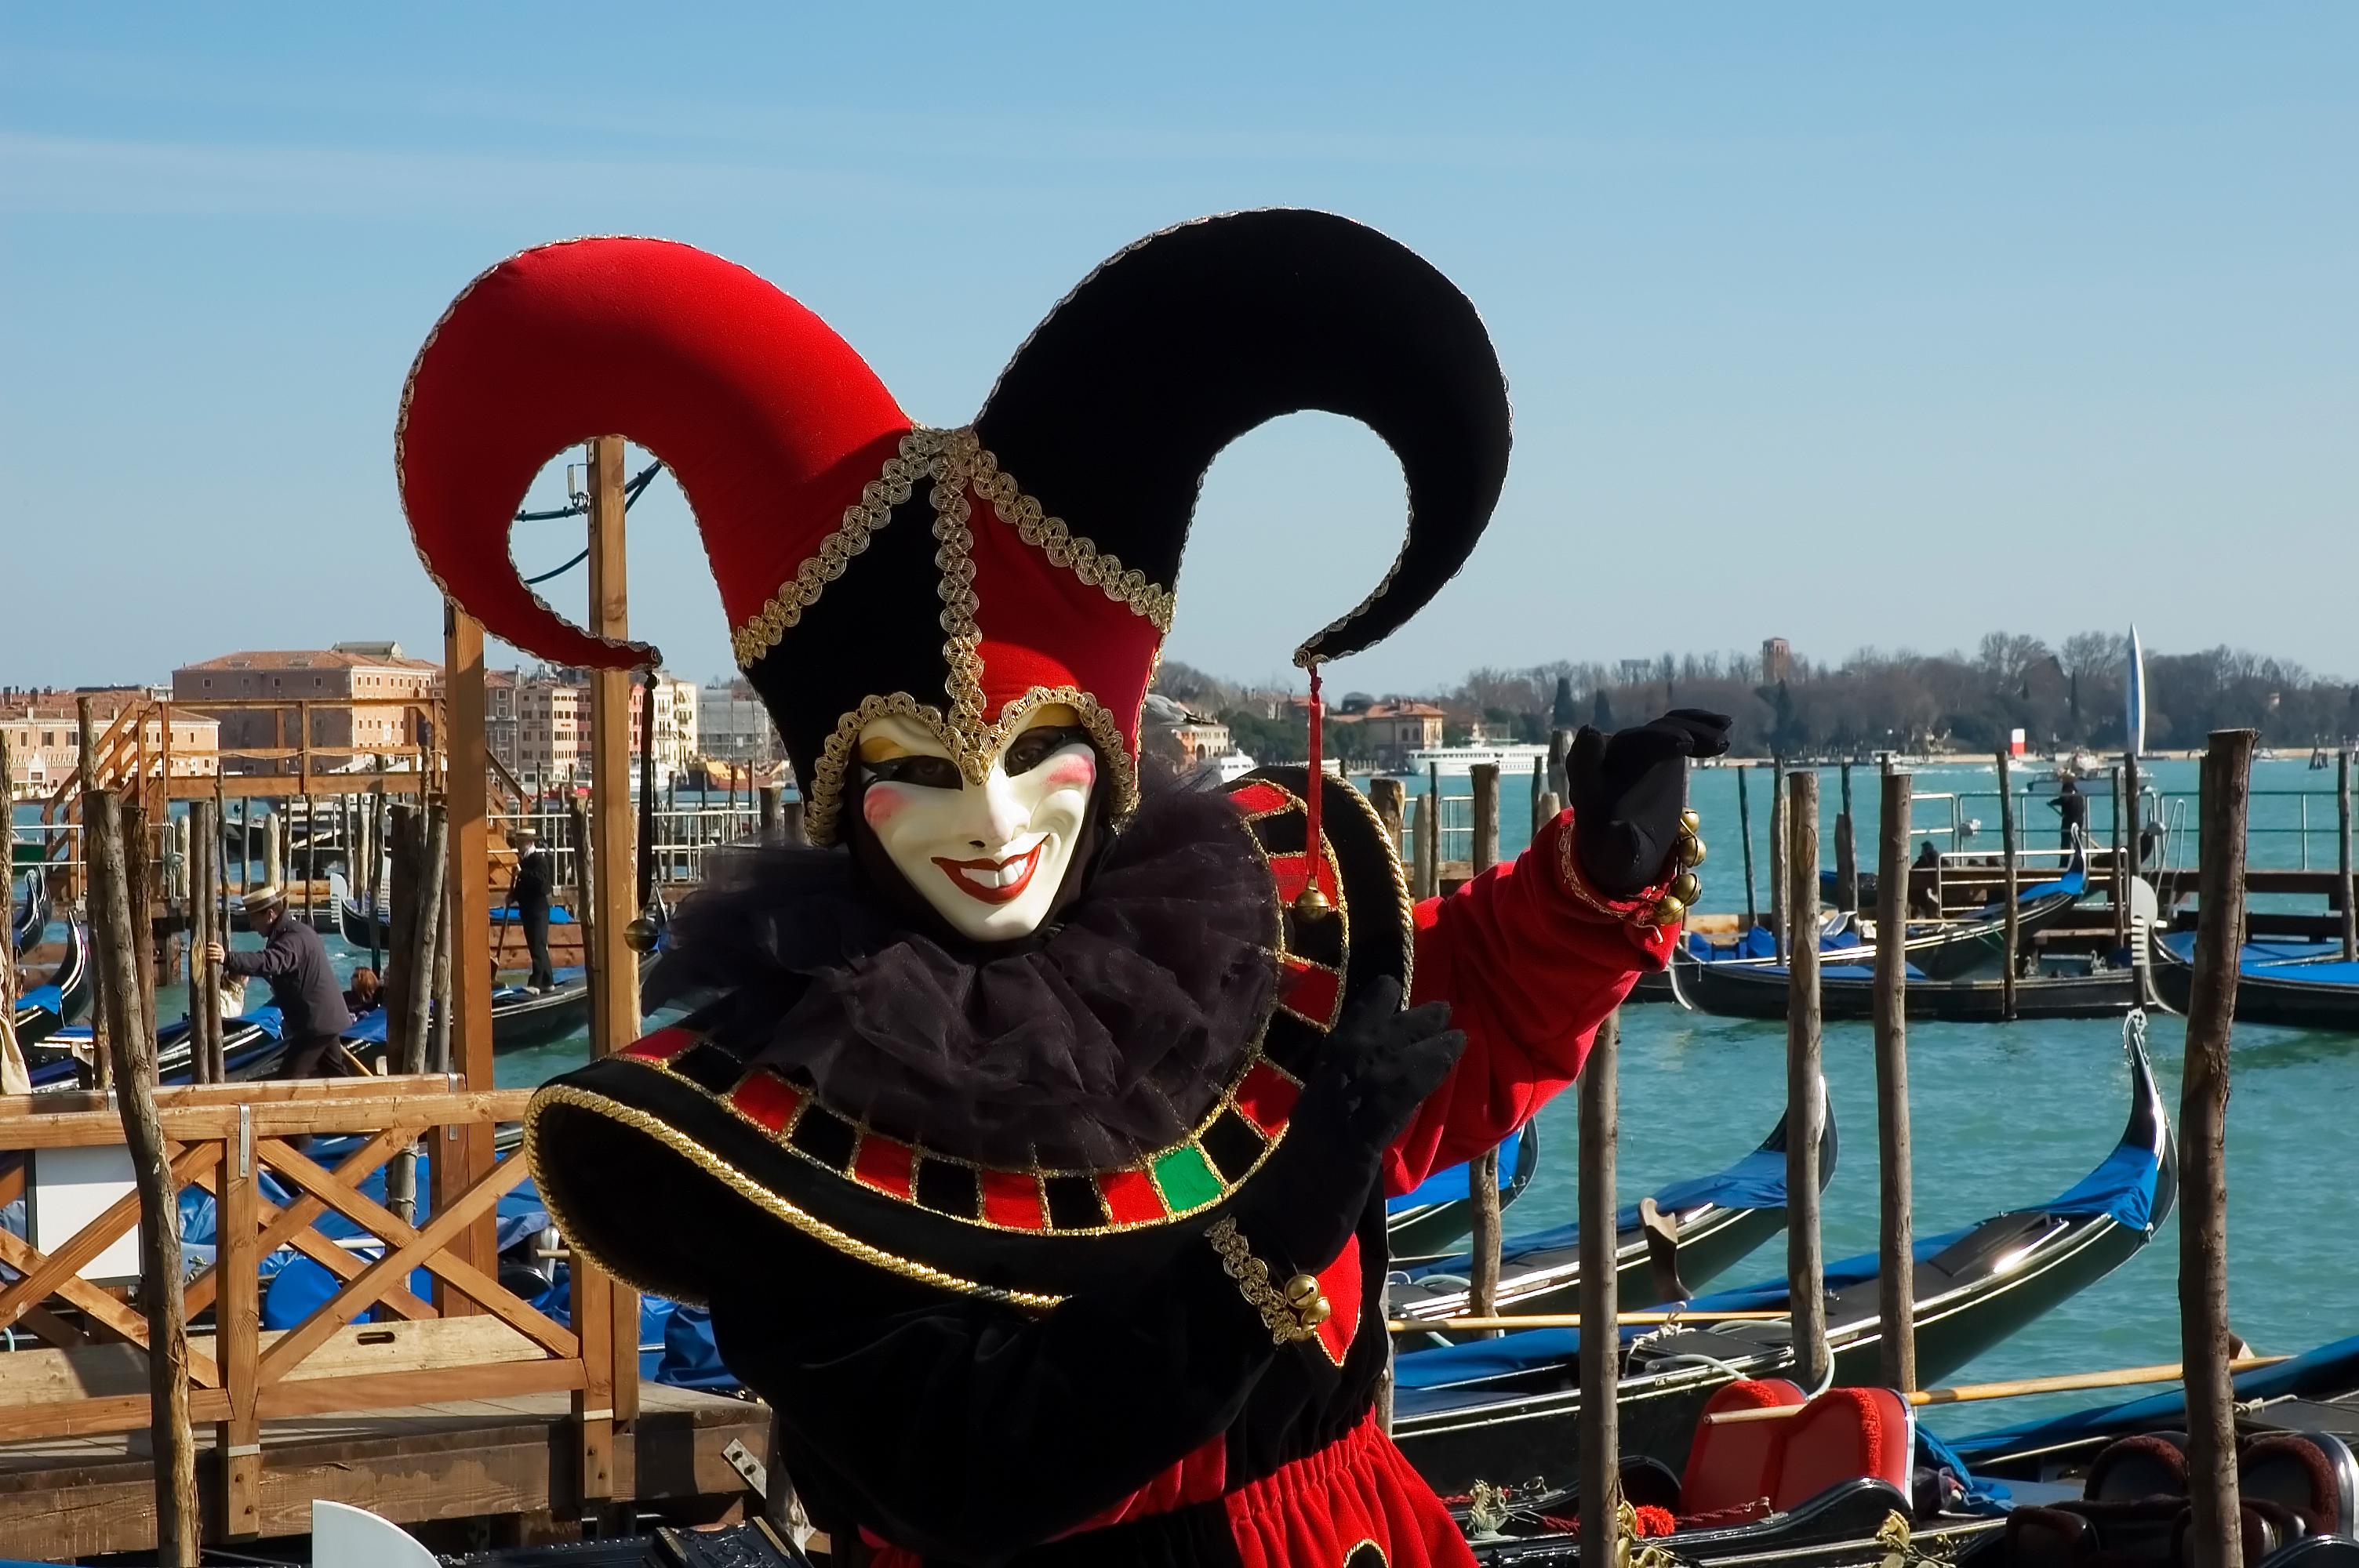 Un Carnaval como ningún otro - Italia Circuito Italia Monumental: Roma, Florencia y Venecia